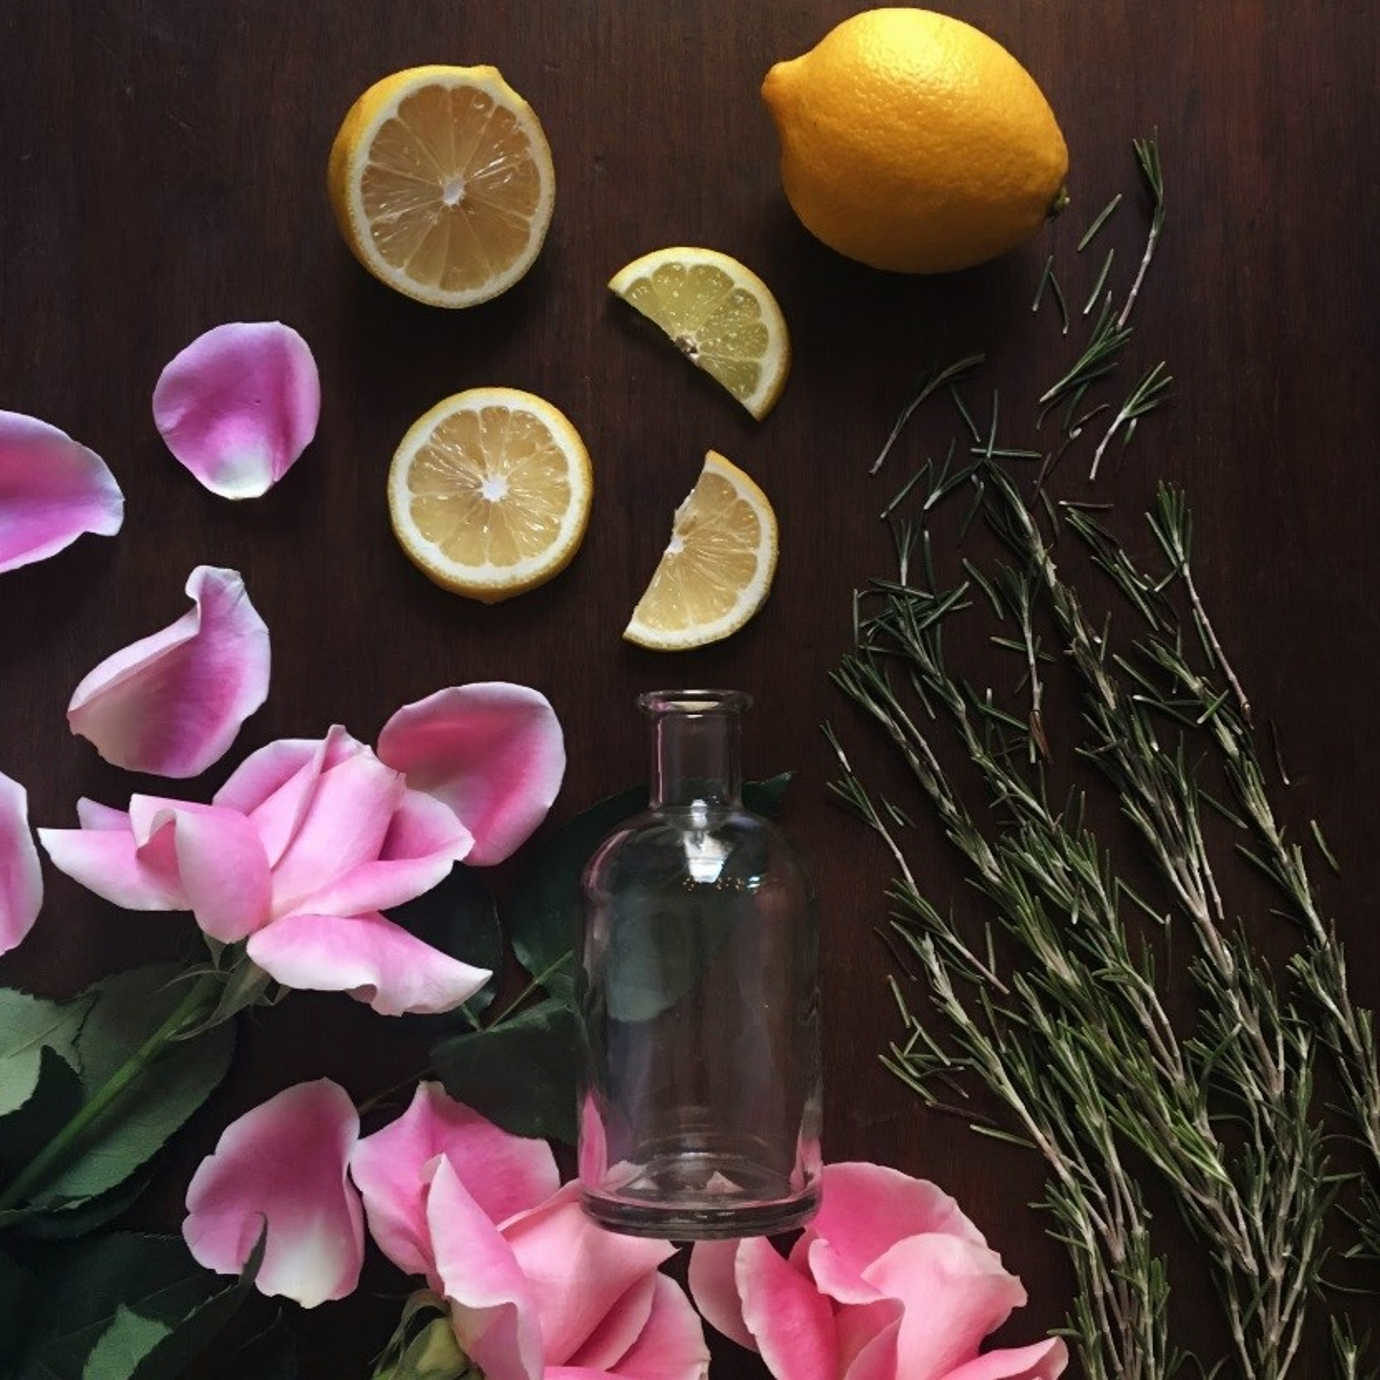 Lemon + Rosemary + Rose